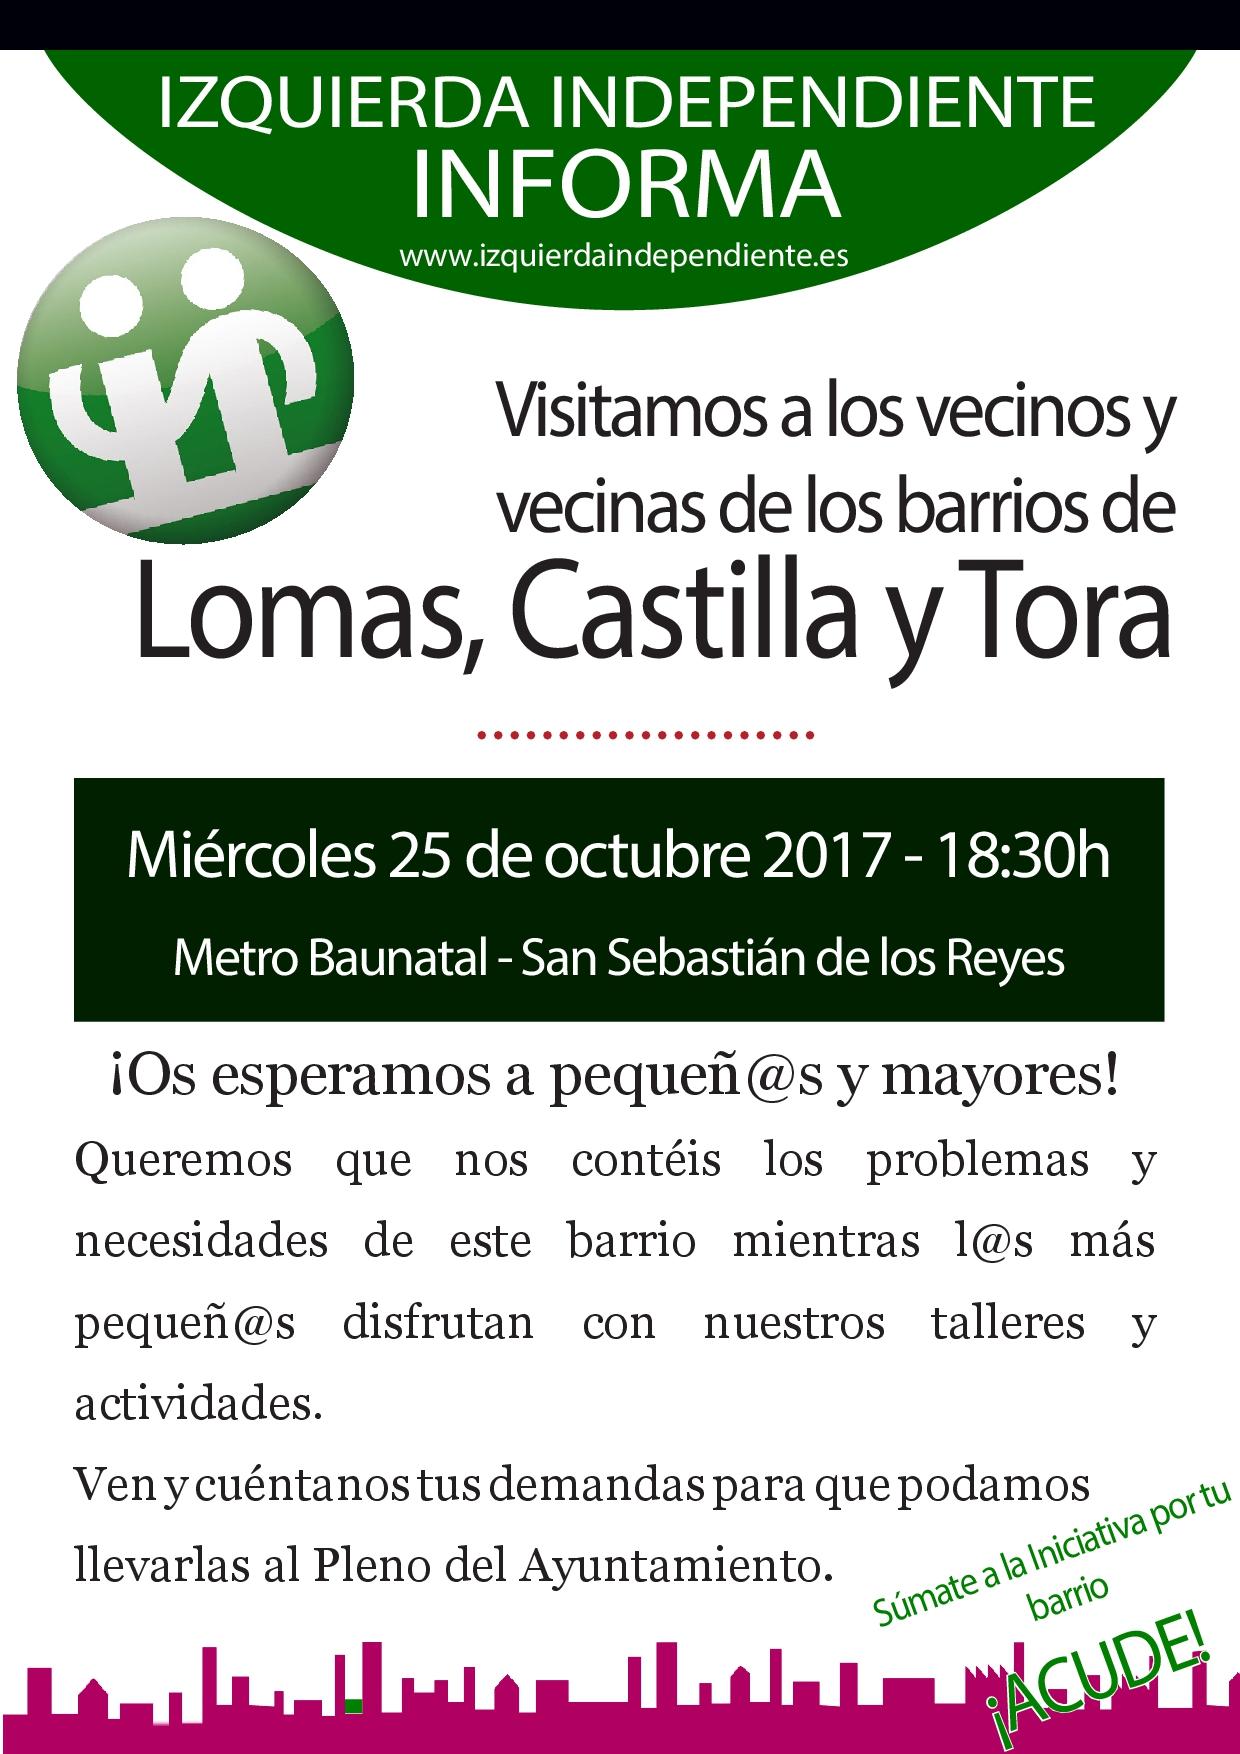 2017_09_20_Cartel Lomas, Castilla y Tora